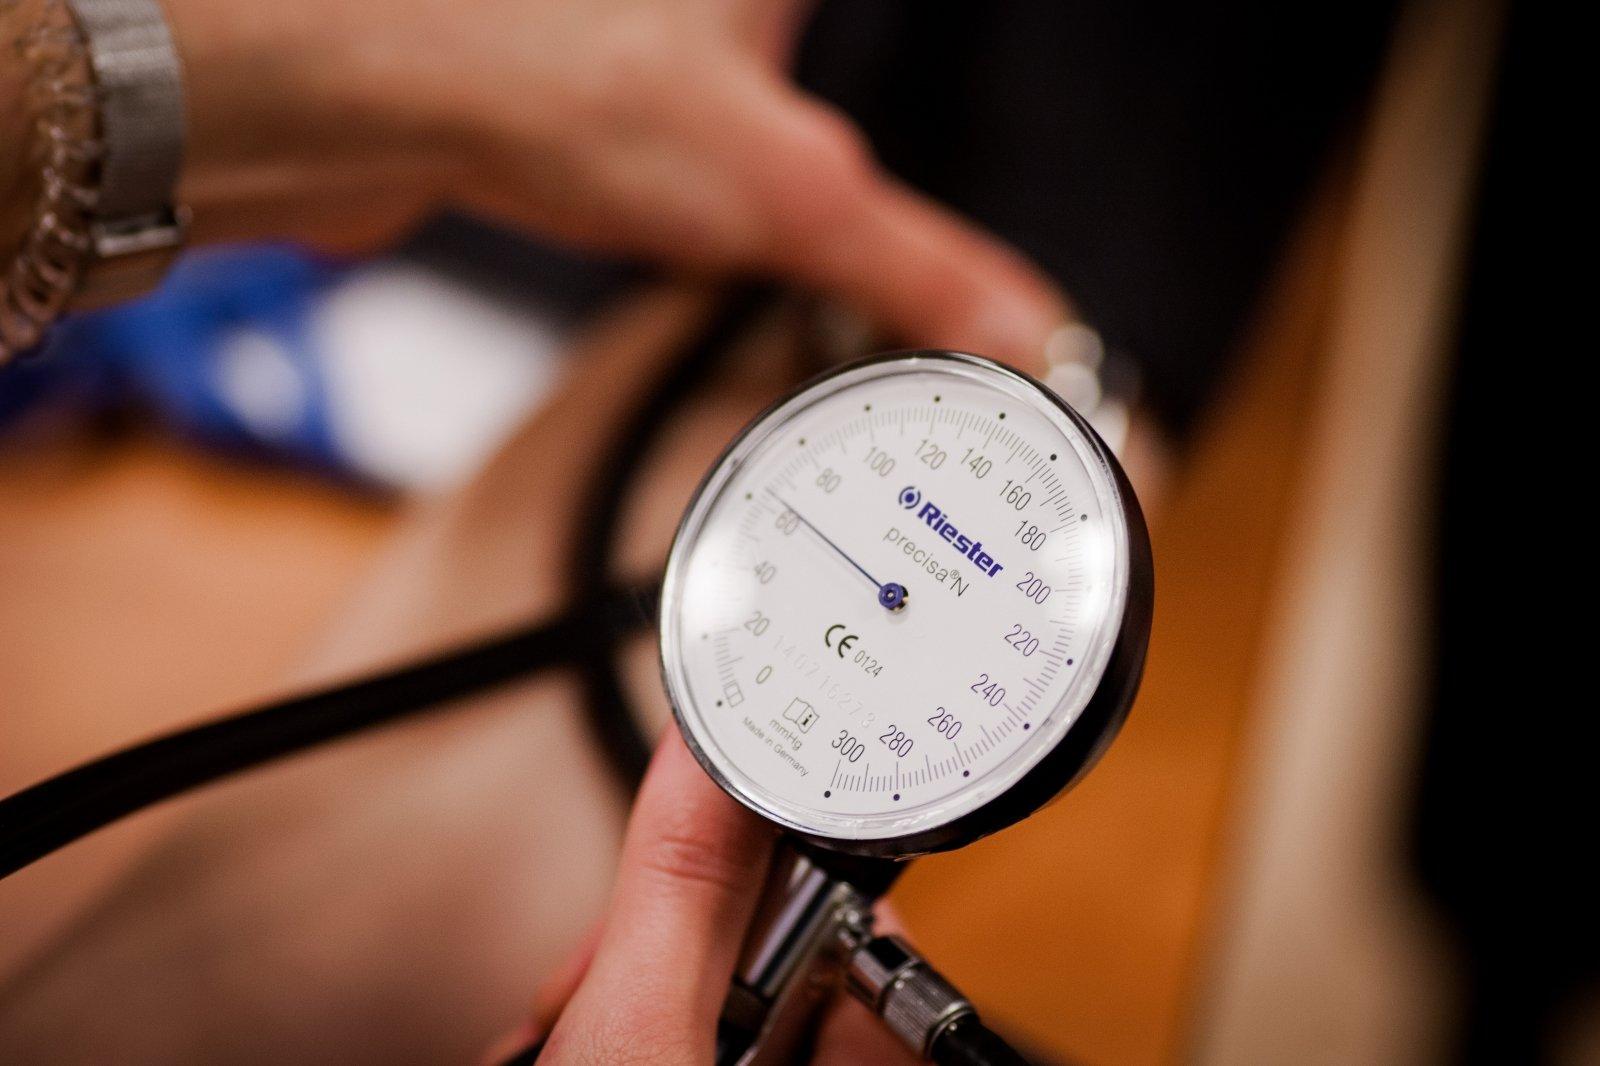 kaip liaudiškai gydyti hipertenziją